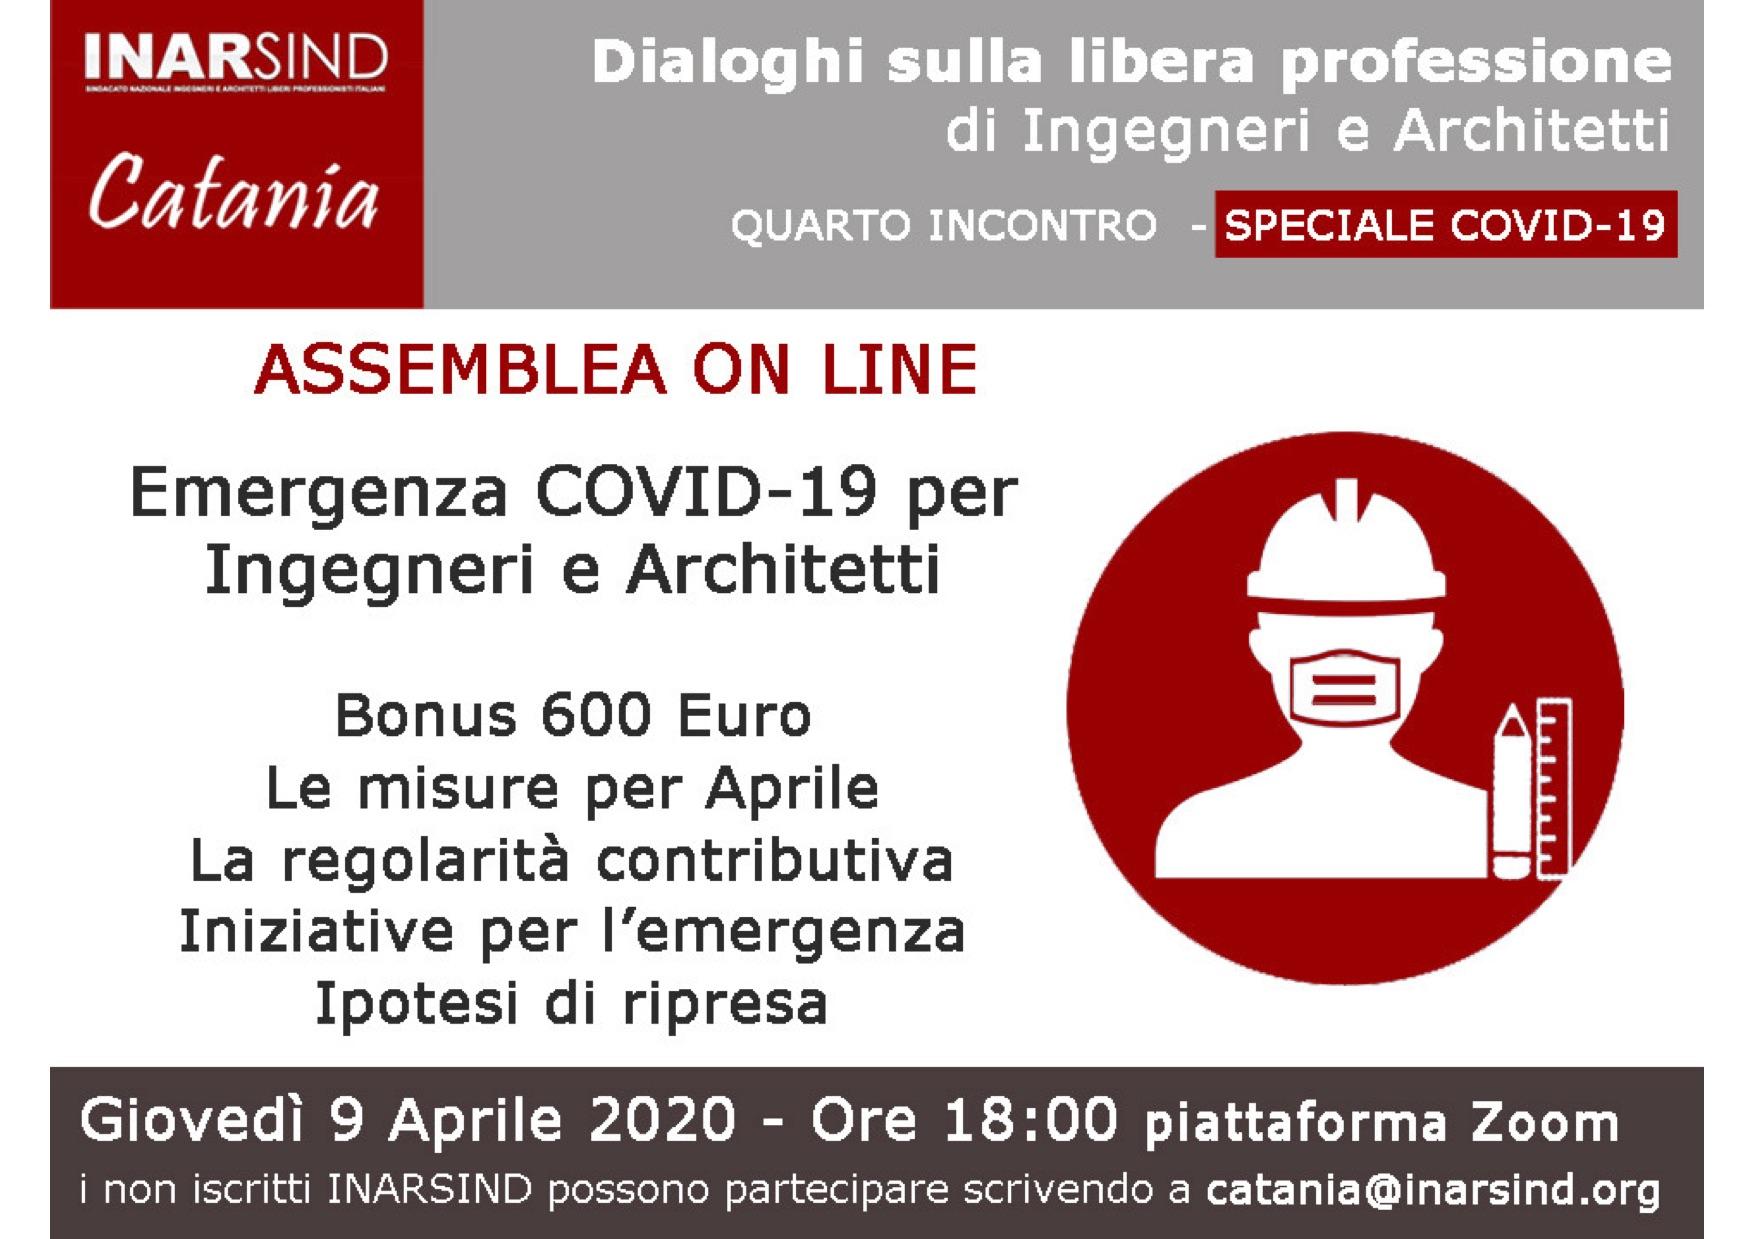 Architetto Catania Lavoro fase 2 - come sarà il lavoro per ingegneri e architetti alla